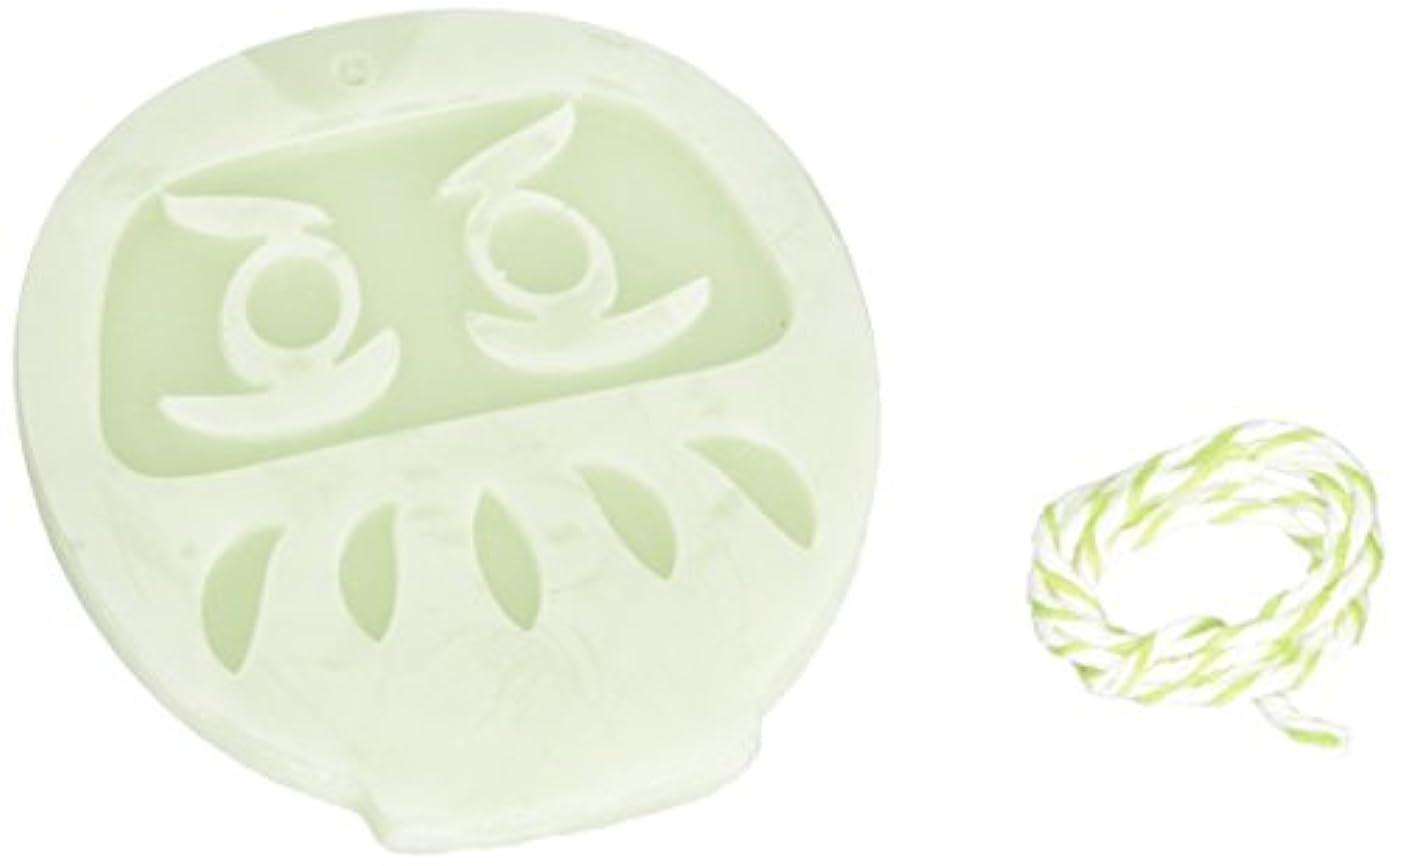 切手メッセージクリーナーGRASSE TOKYO AROMATICWAXチャーム「だるま」(GR) レモングラス アロマティックワックス グラーストウキョウ